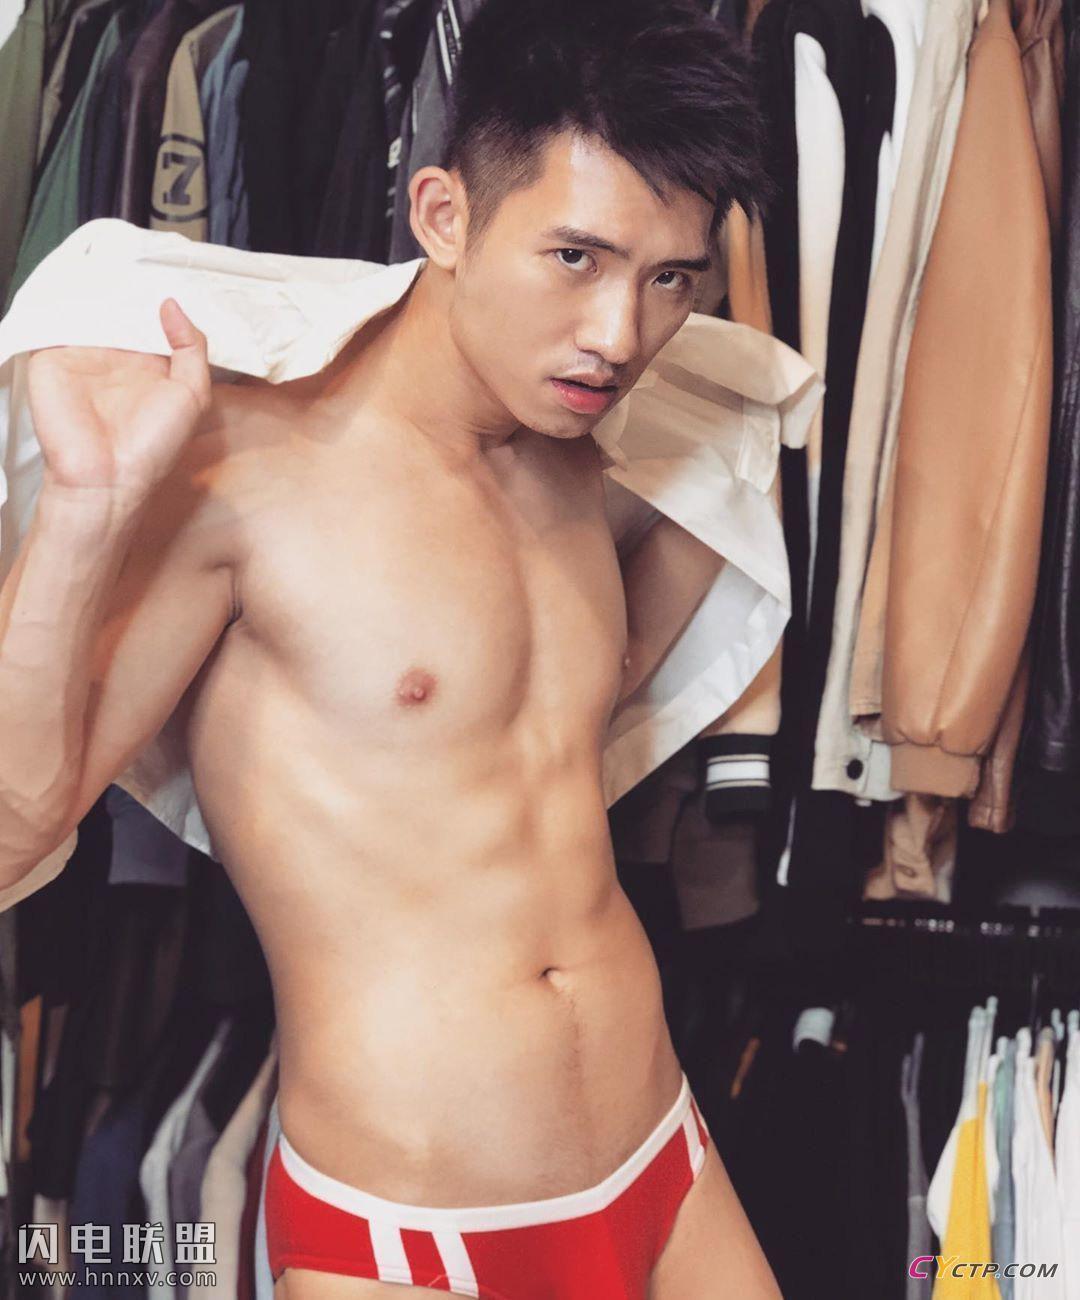 假期福利亚洲男同gay小鲜肉帅哥私房照第1张